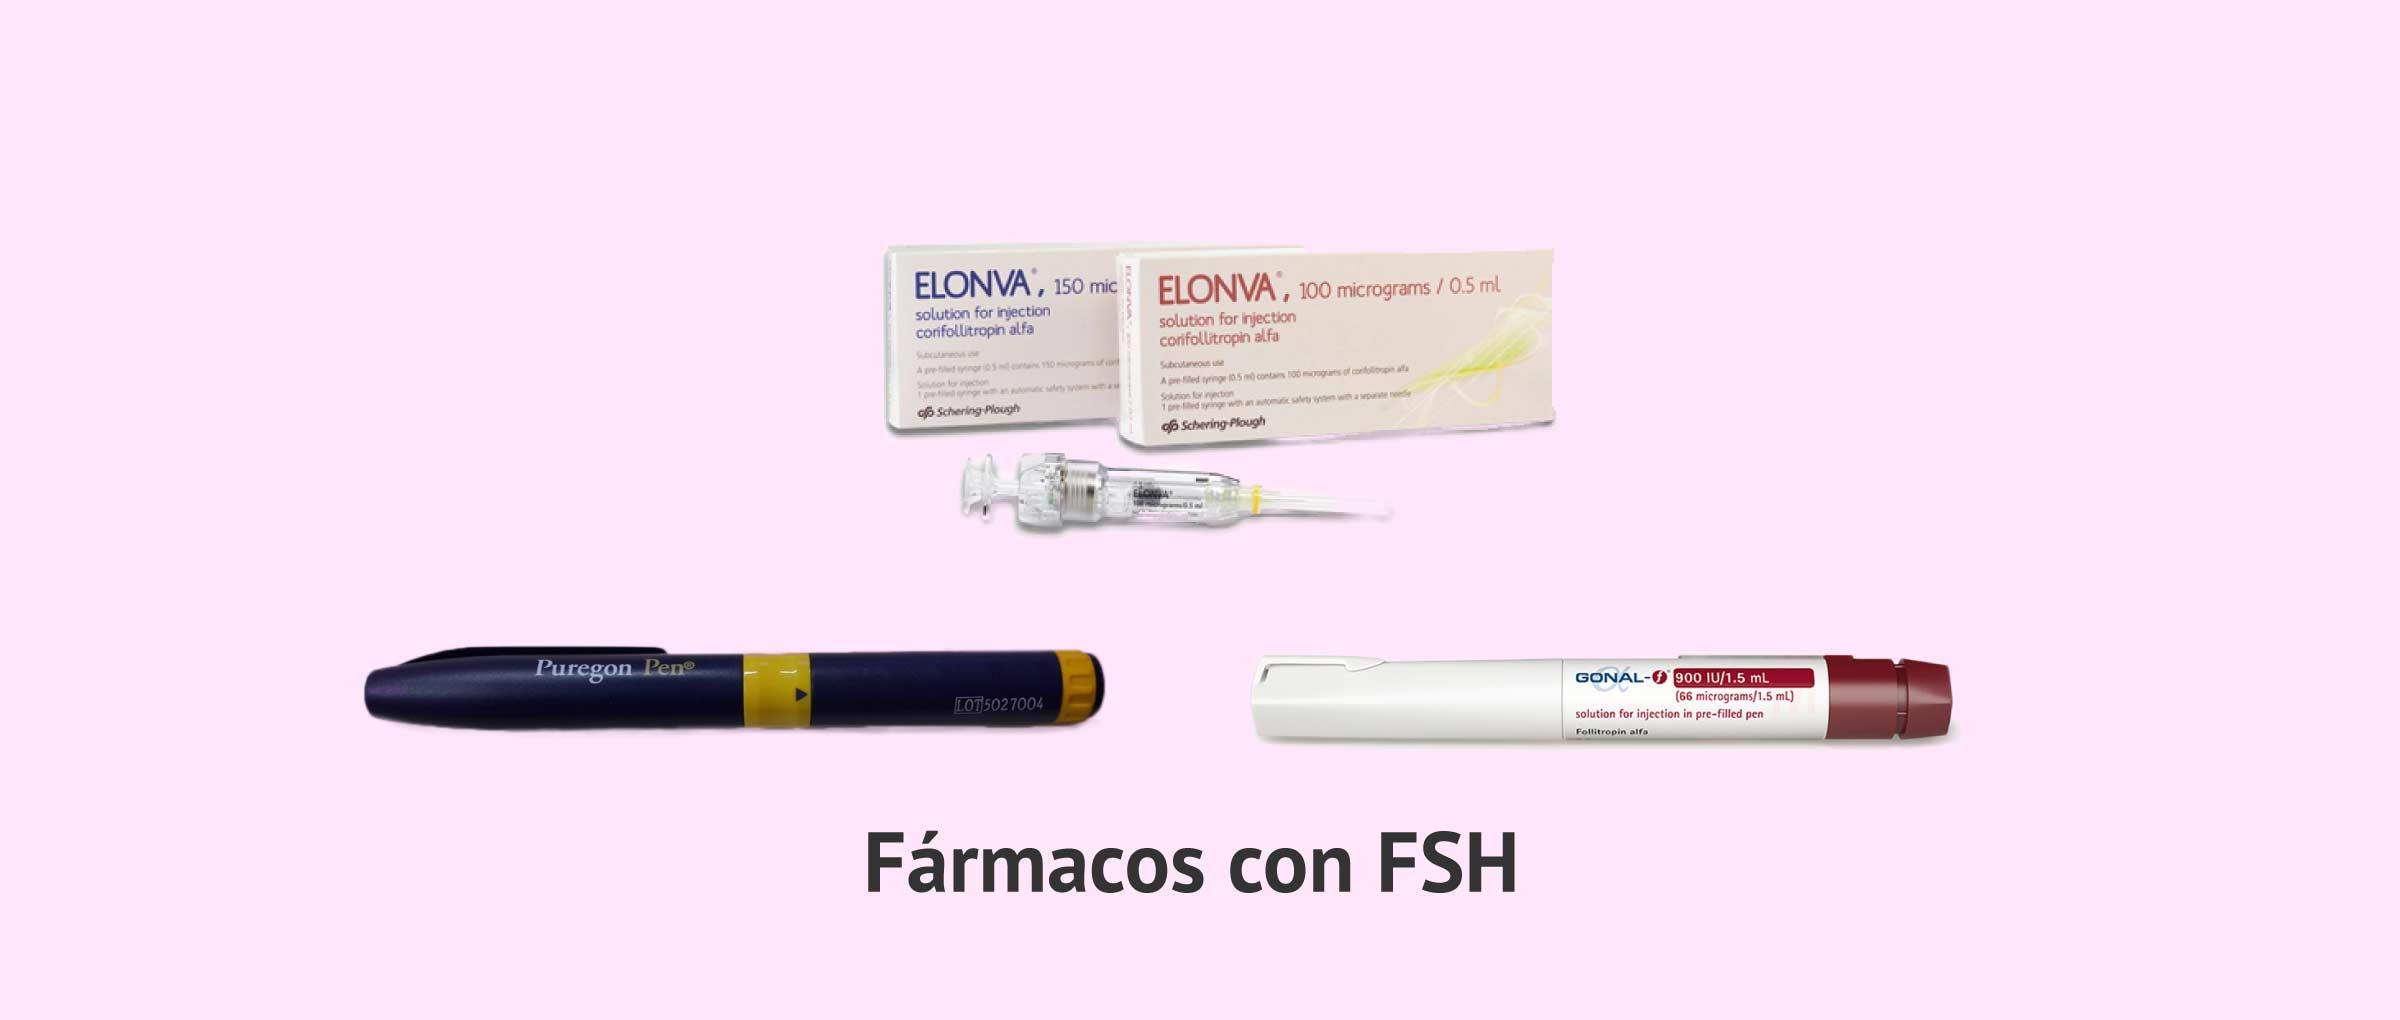 Fármacos que contienen hormona FSH